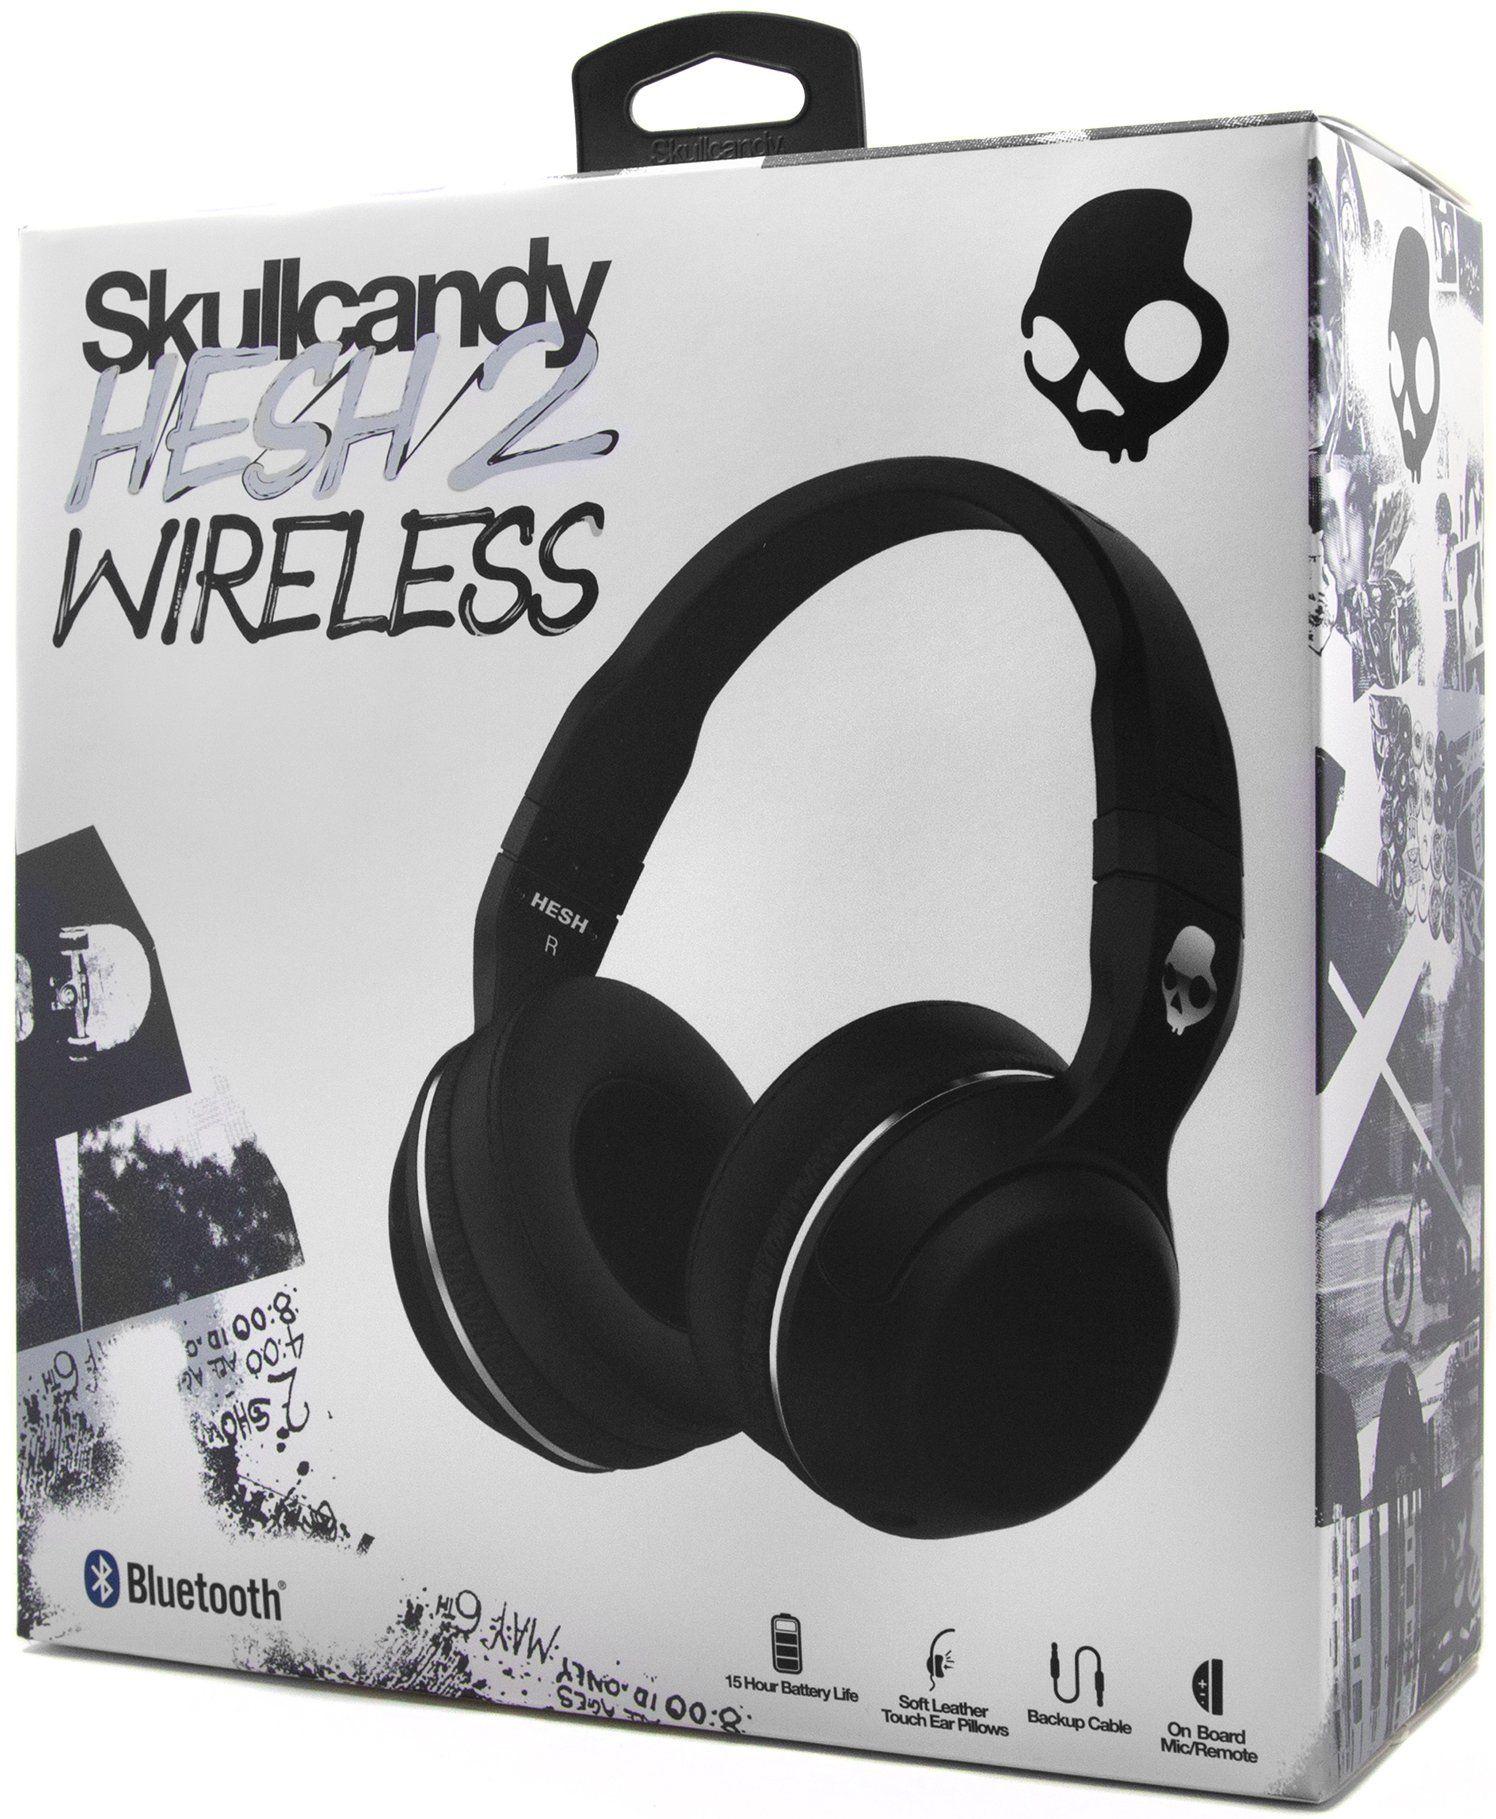 Skullcandy Hesh 2 Wireless Headphones Black In 2020 Wireless Headphones Skullcandy Hesh Headphones